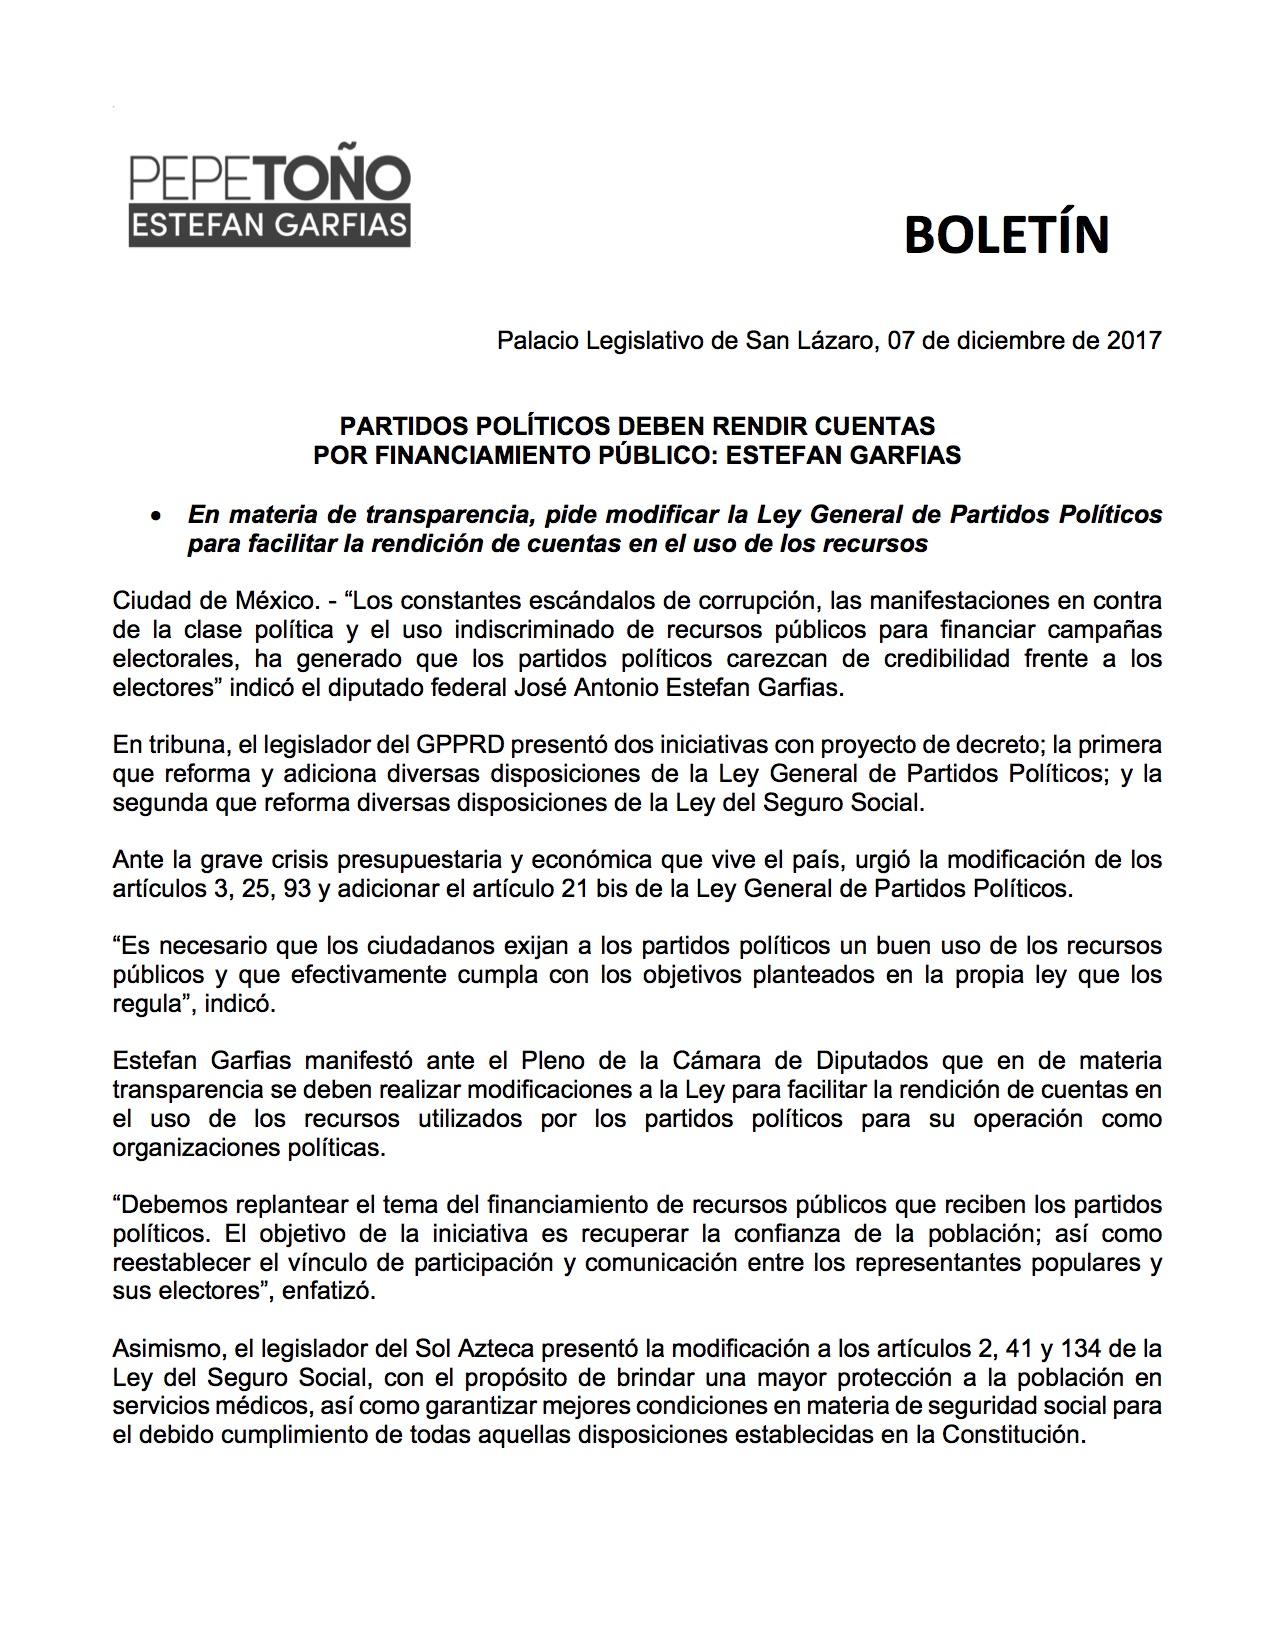 COMUNICADO_PARTIDOS_POLITICOS_DEBEN_RENDIR_CUENTAS__ESTEFAN_GARFIAS.jpg